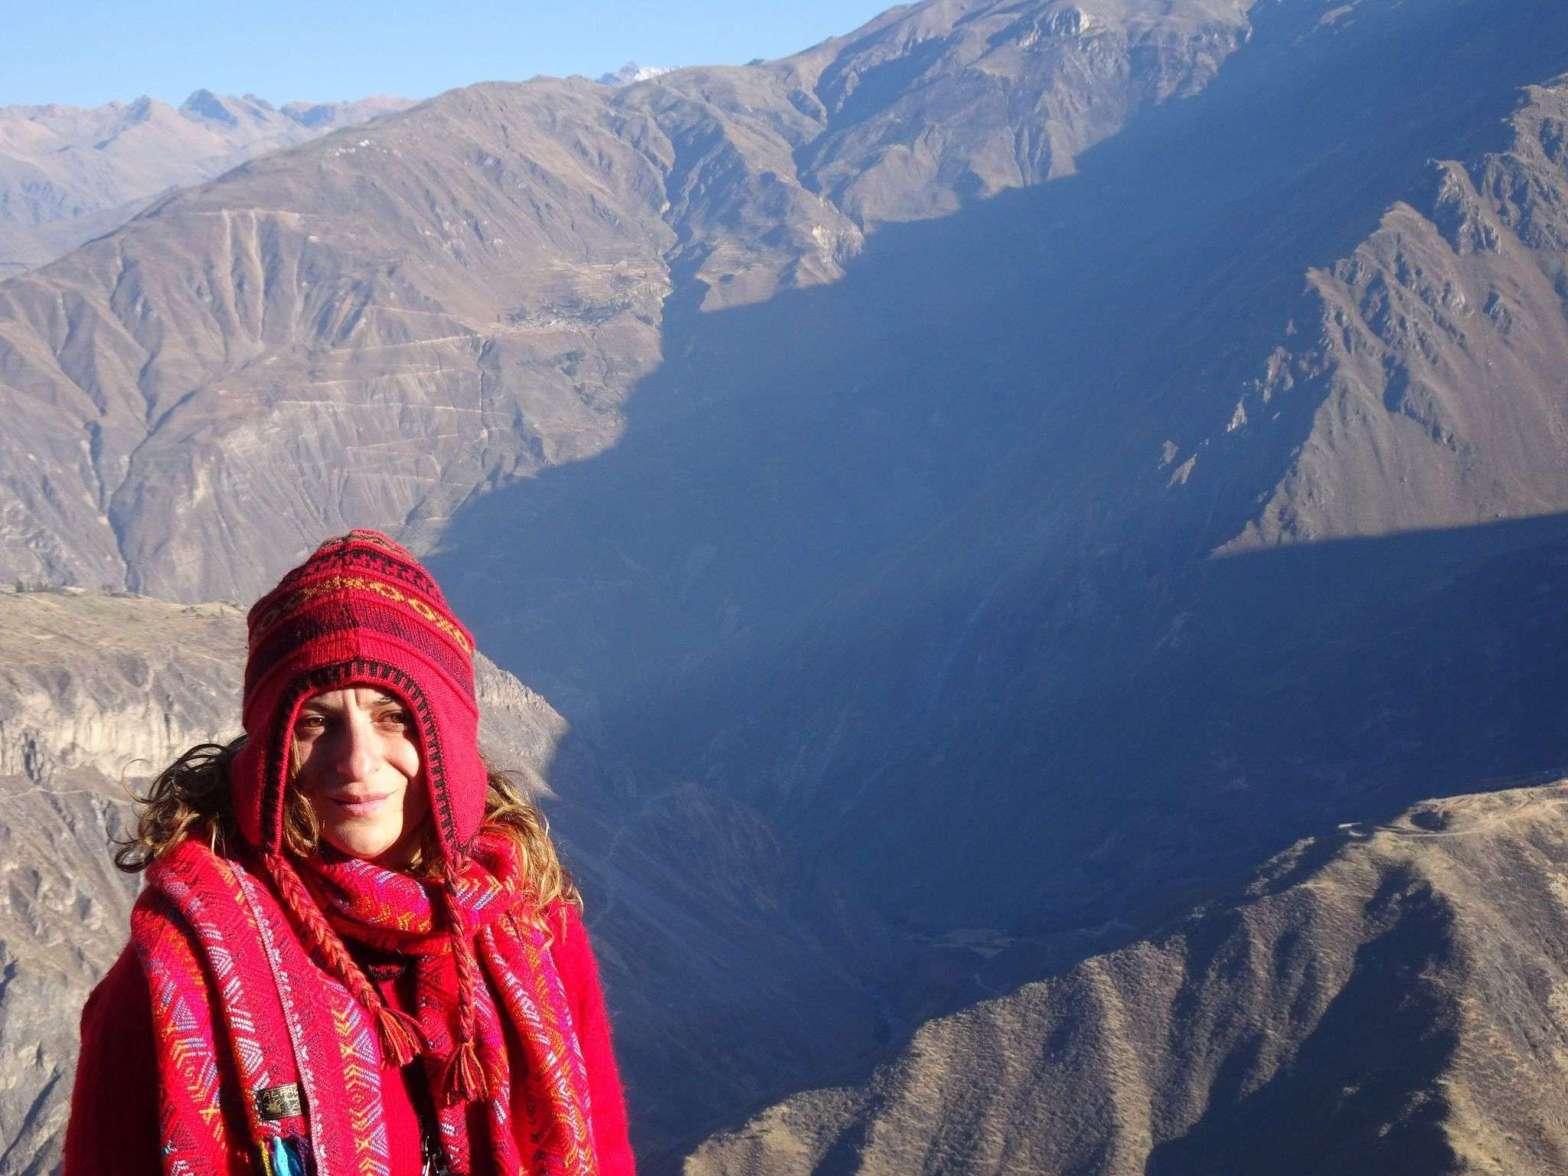 voyager seule au Pérou - Canyopn de Colca